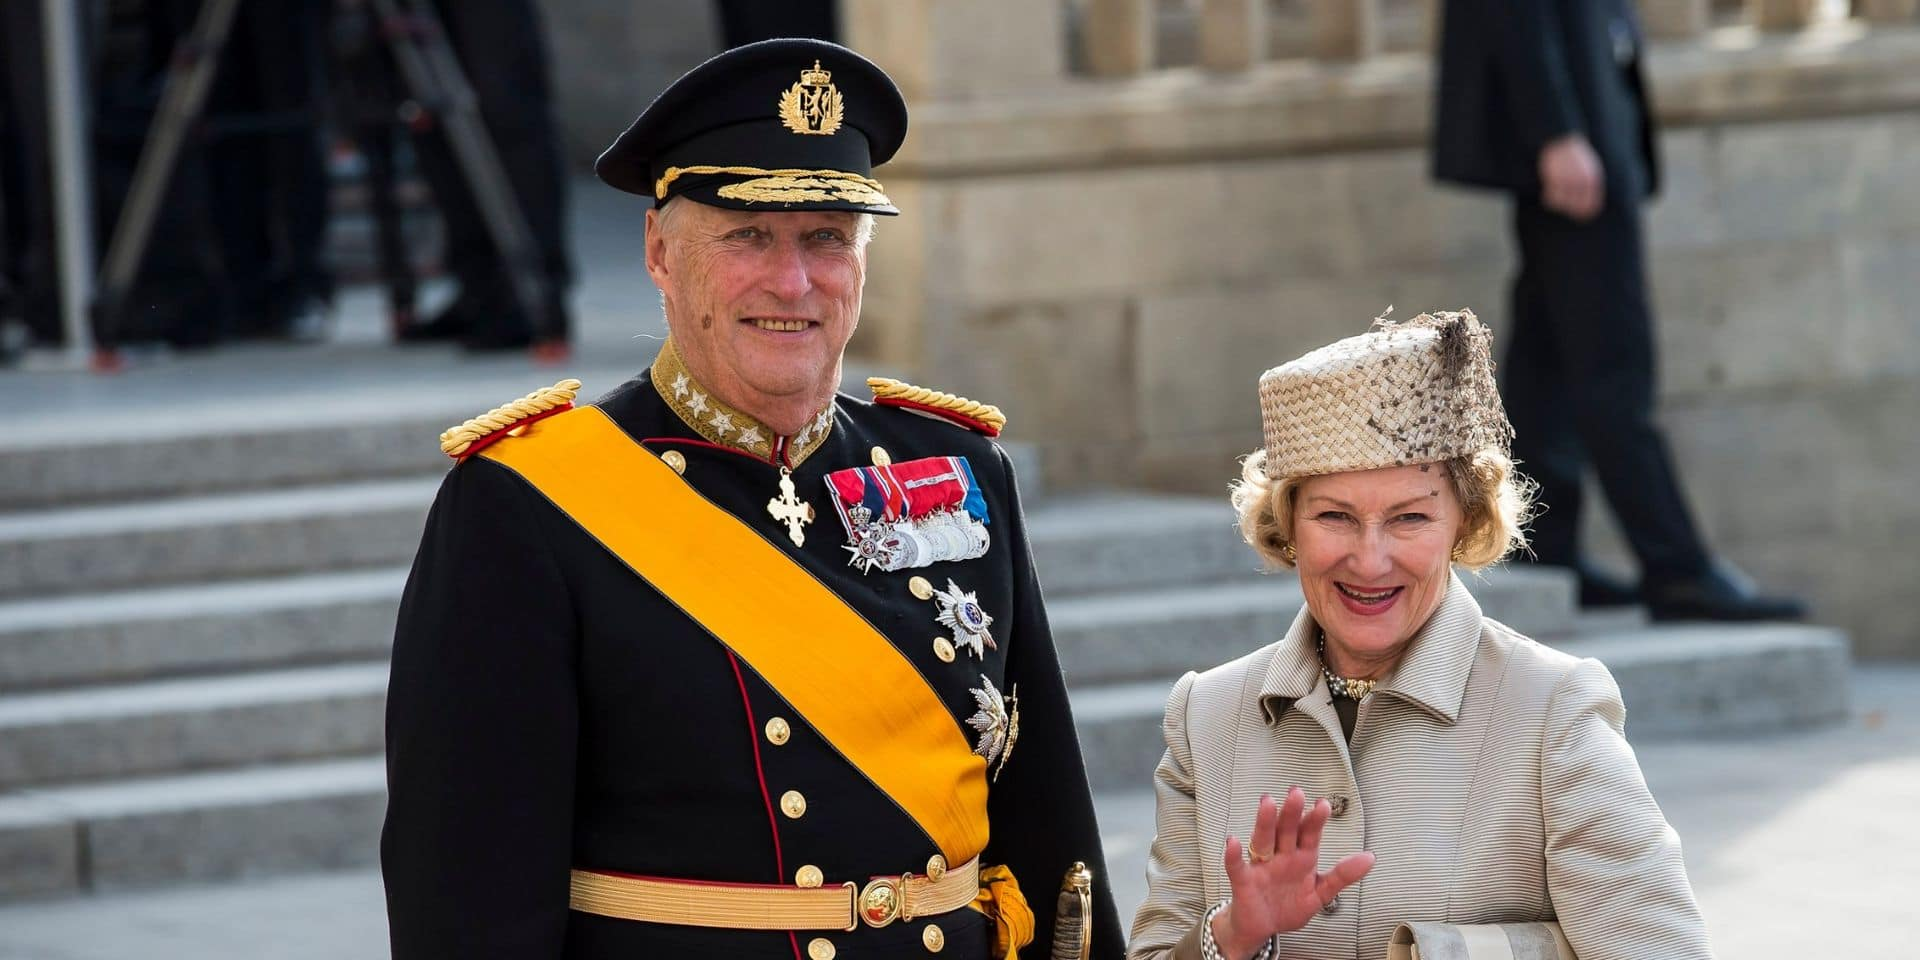 Le Roi de Norvège admis à l'hôpital